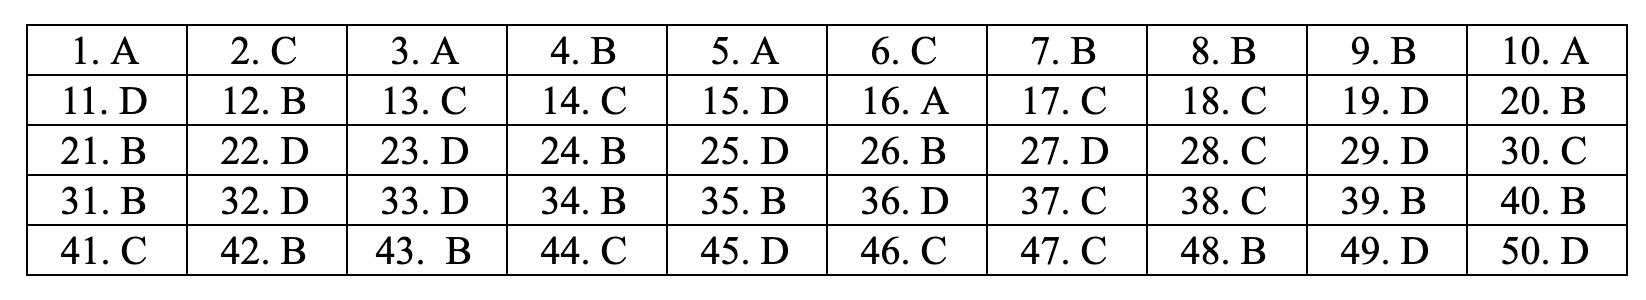 Đáp án môn Toán tất cả các mã đề THPT quốc gia 2019 chuẩn nhất, chính xác nhất (đầy đủ) - Ảnh 6